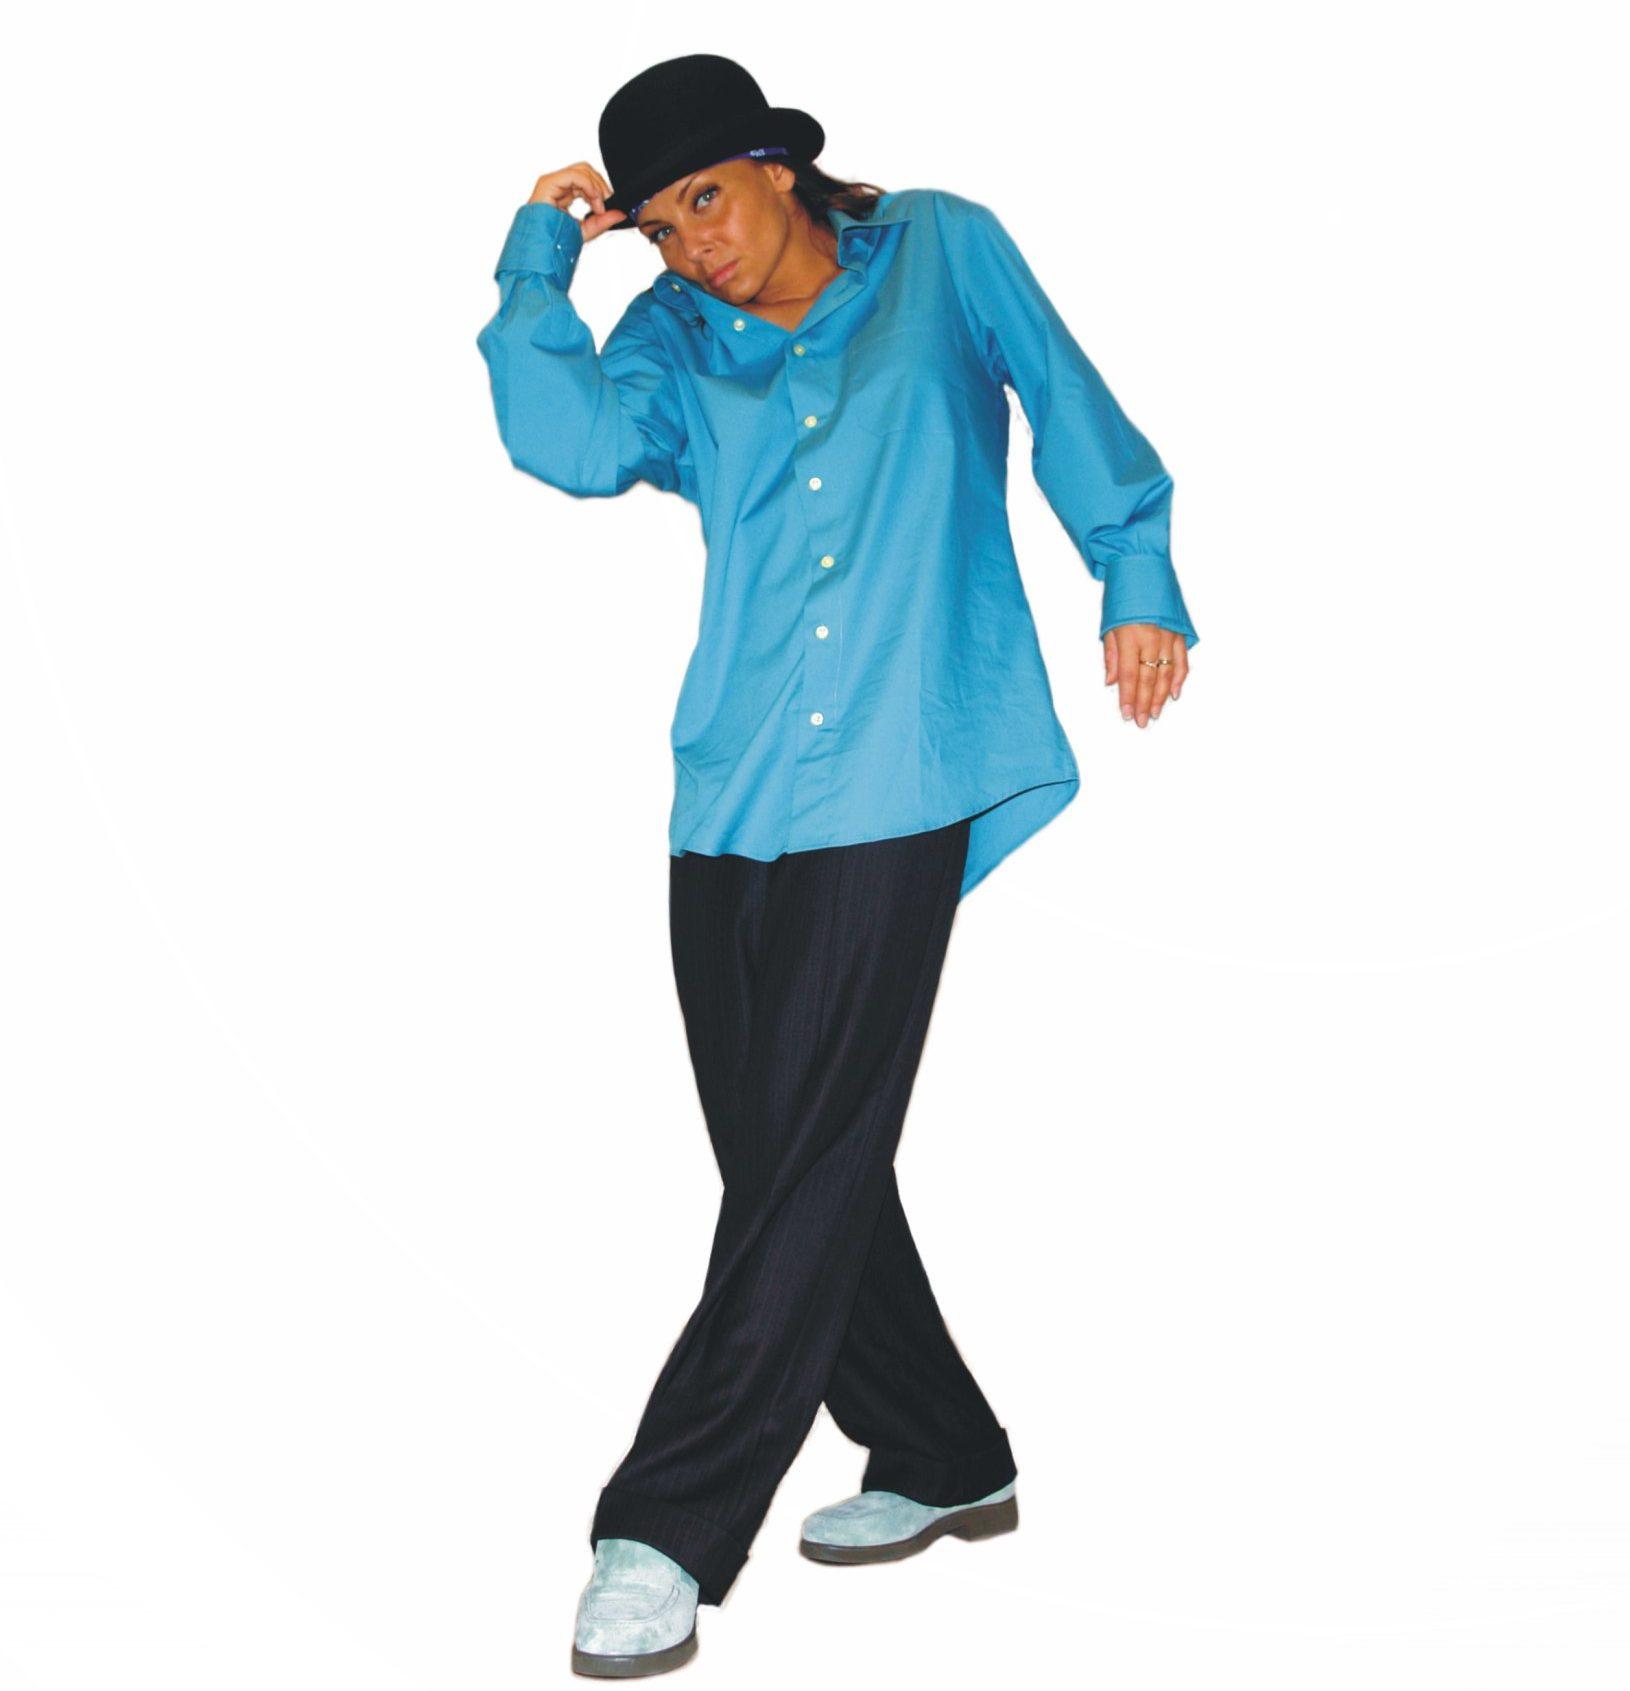 eine Frau in losem Gewand, mit blitztürkisem Hemd auf männlich gekleidet mit einem Zylinder am Kopf